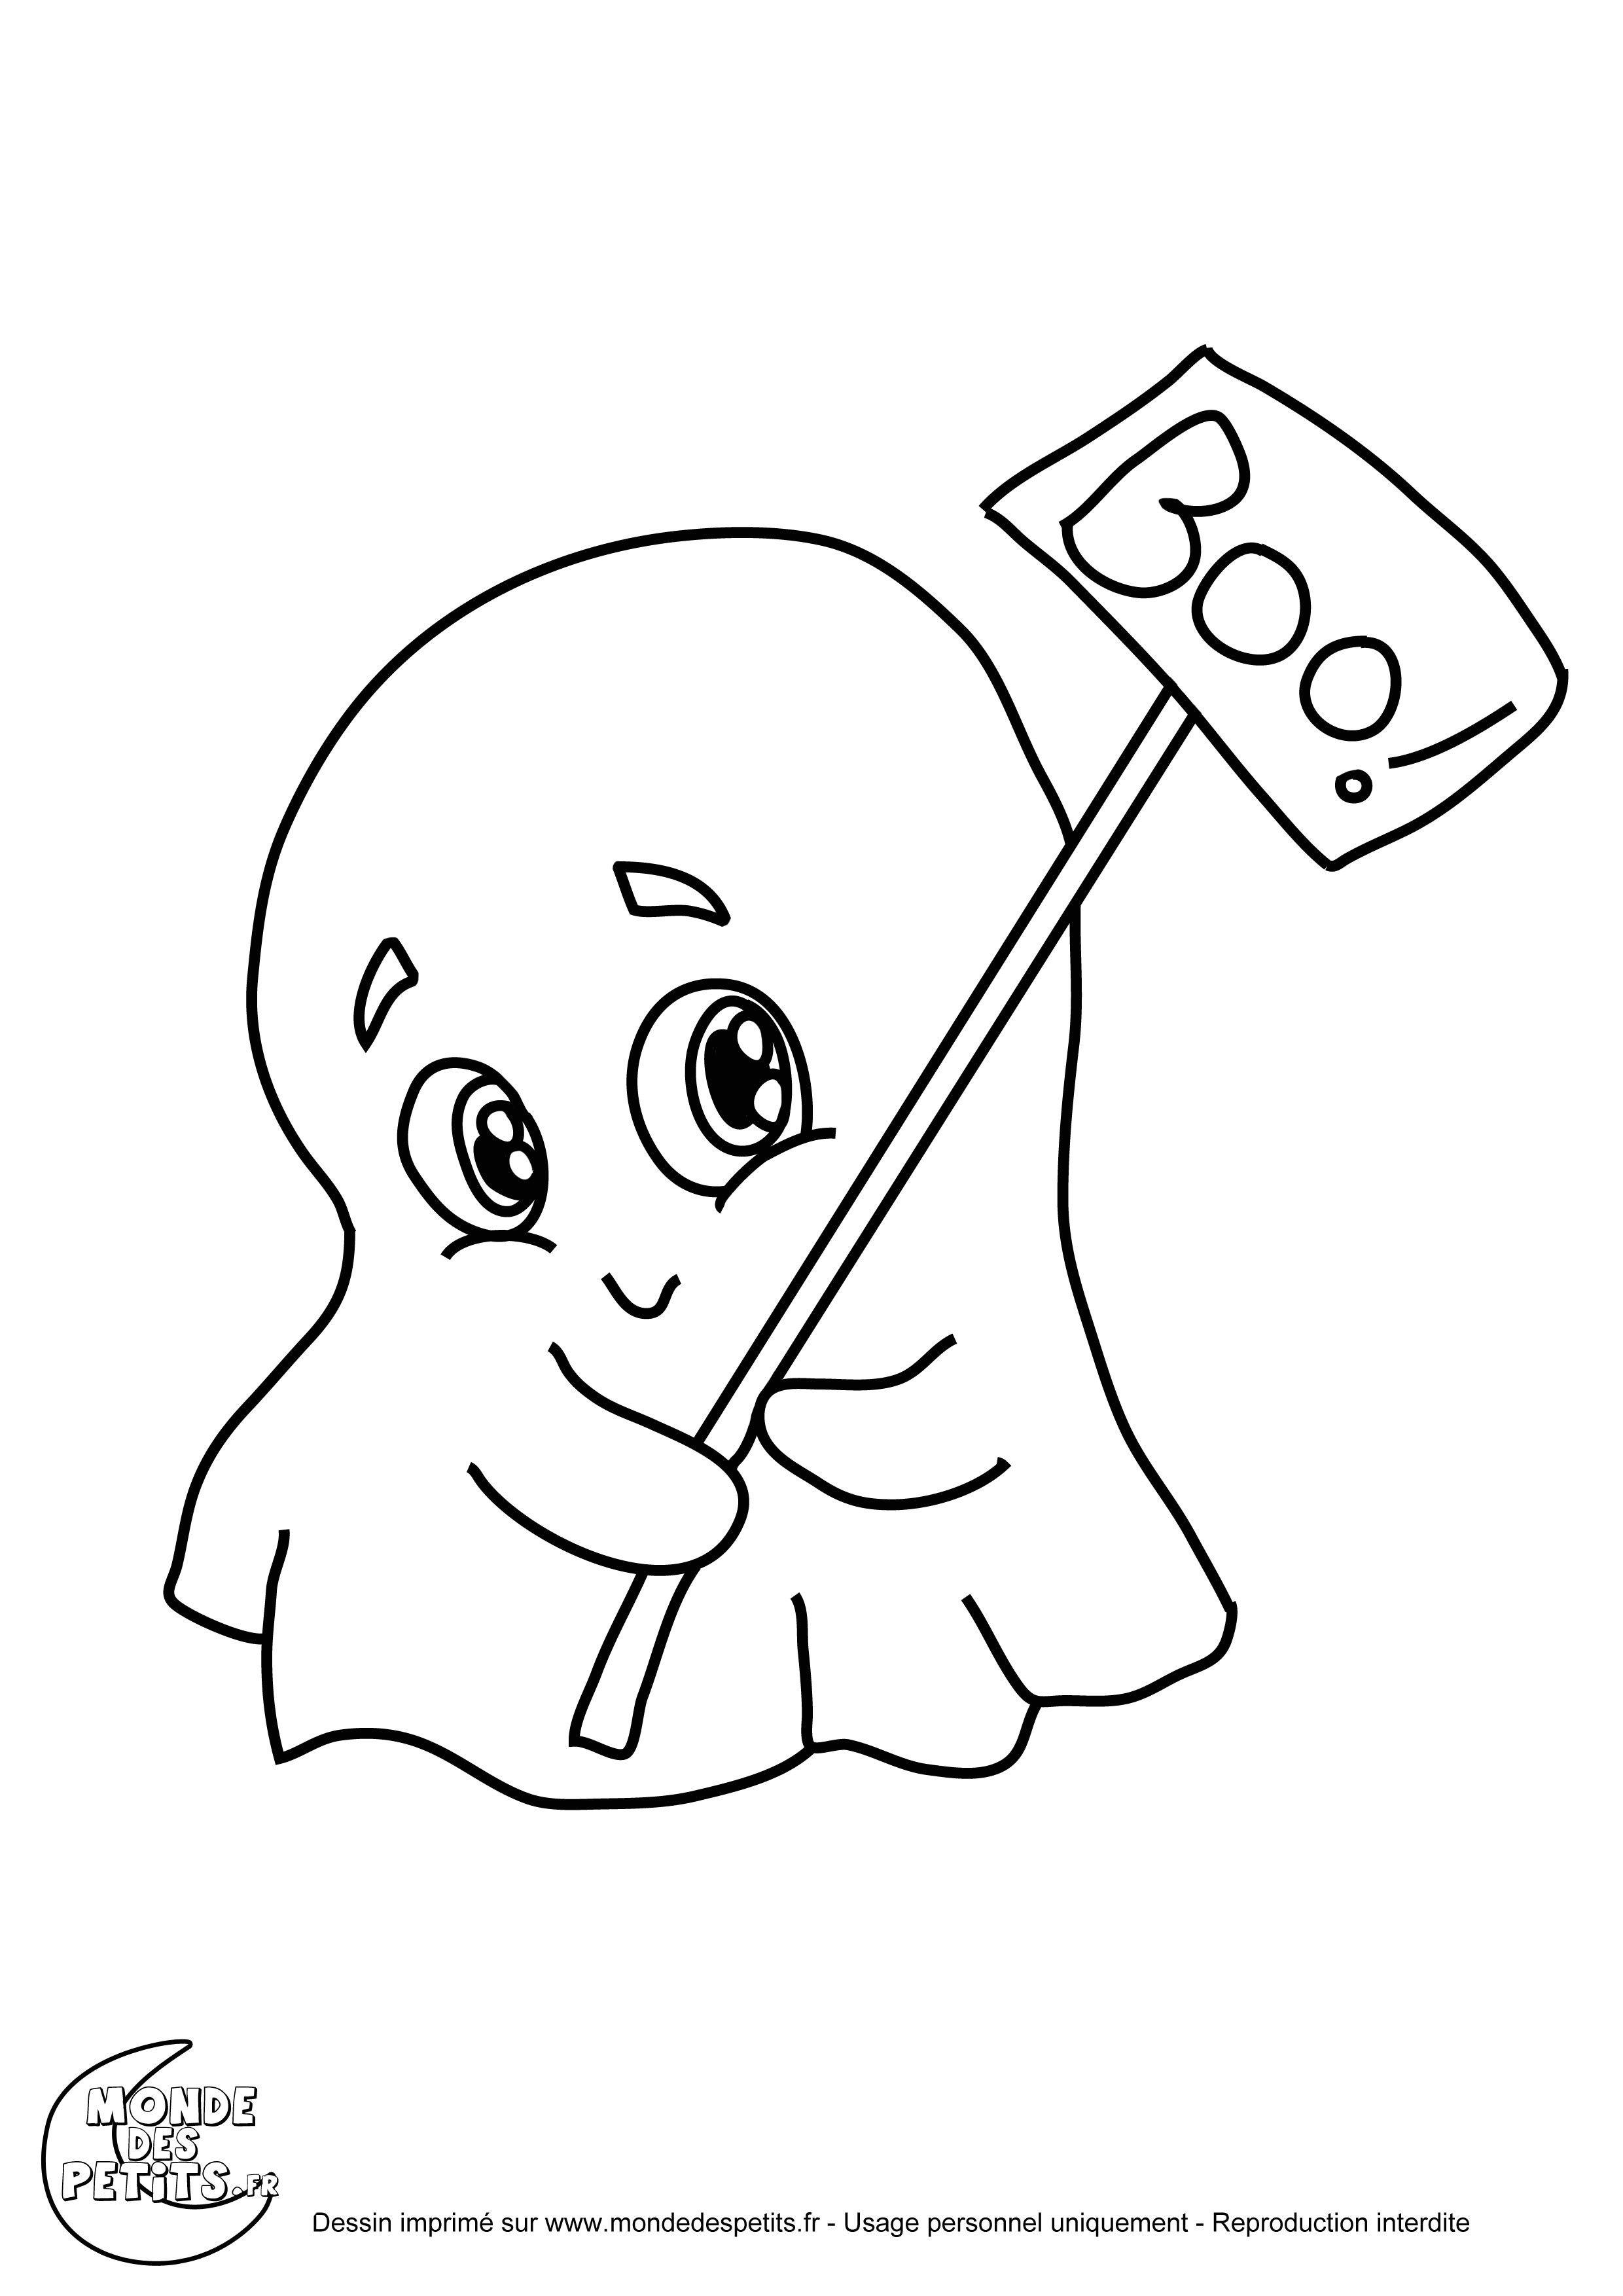 10 Remarquable Dessin D Halloween Qui Fait Peur Image